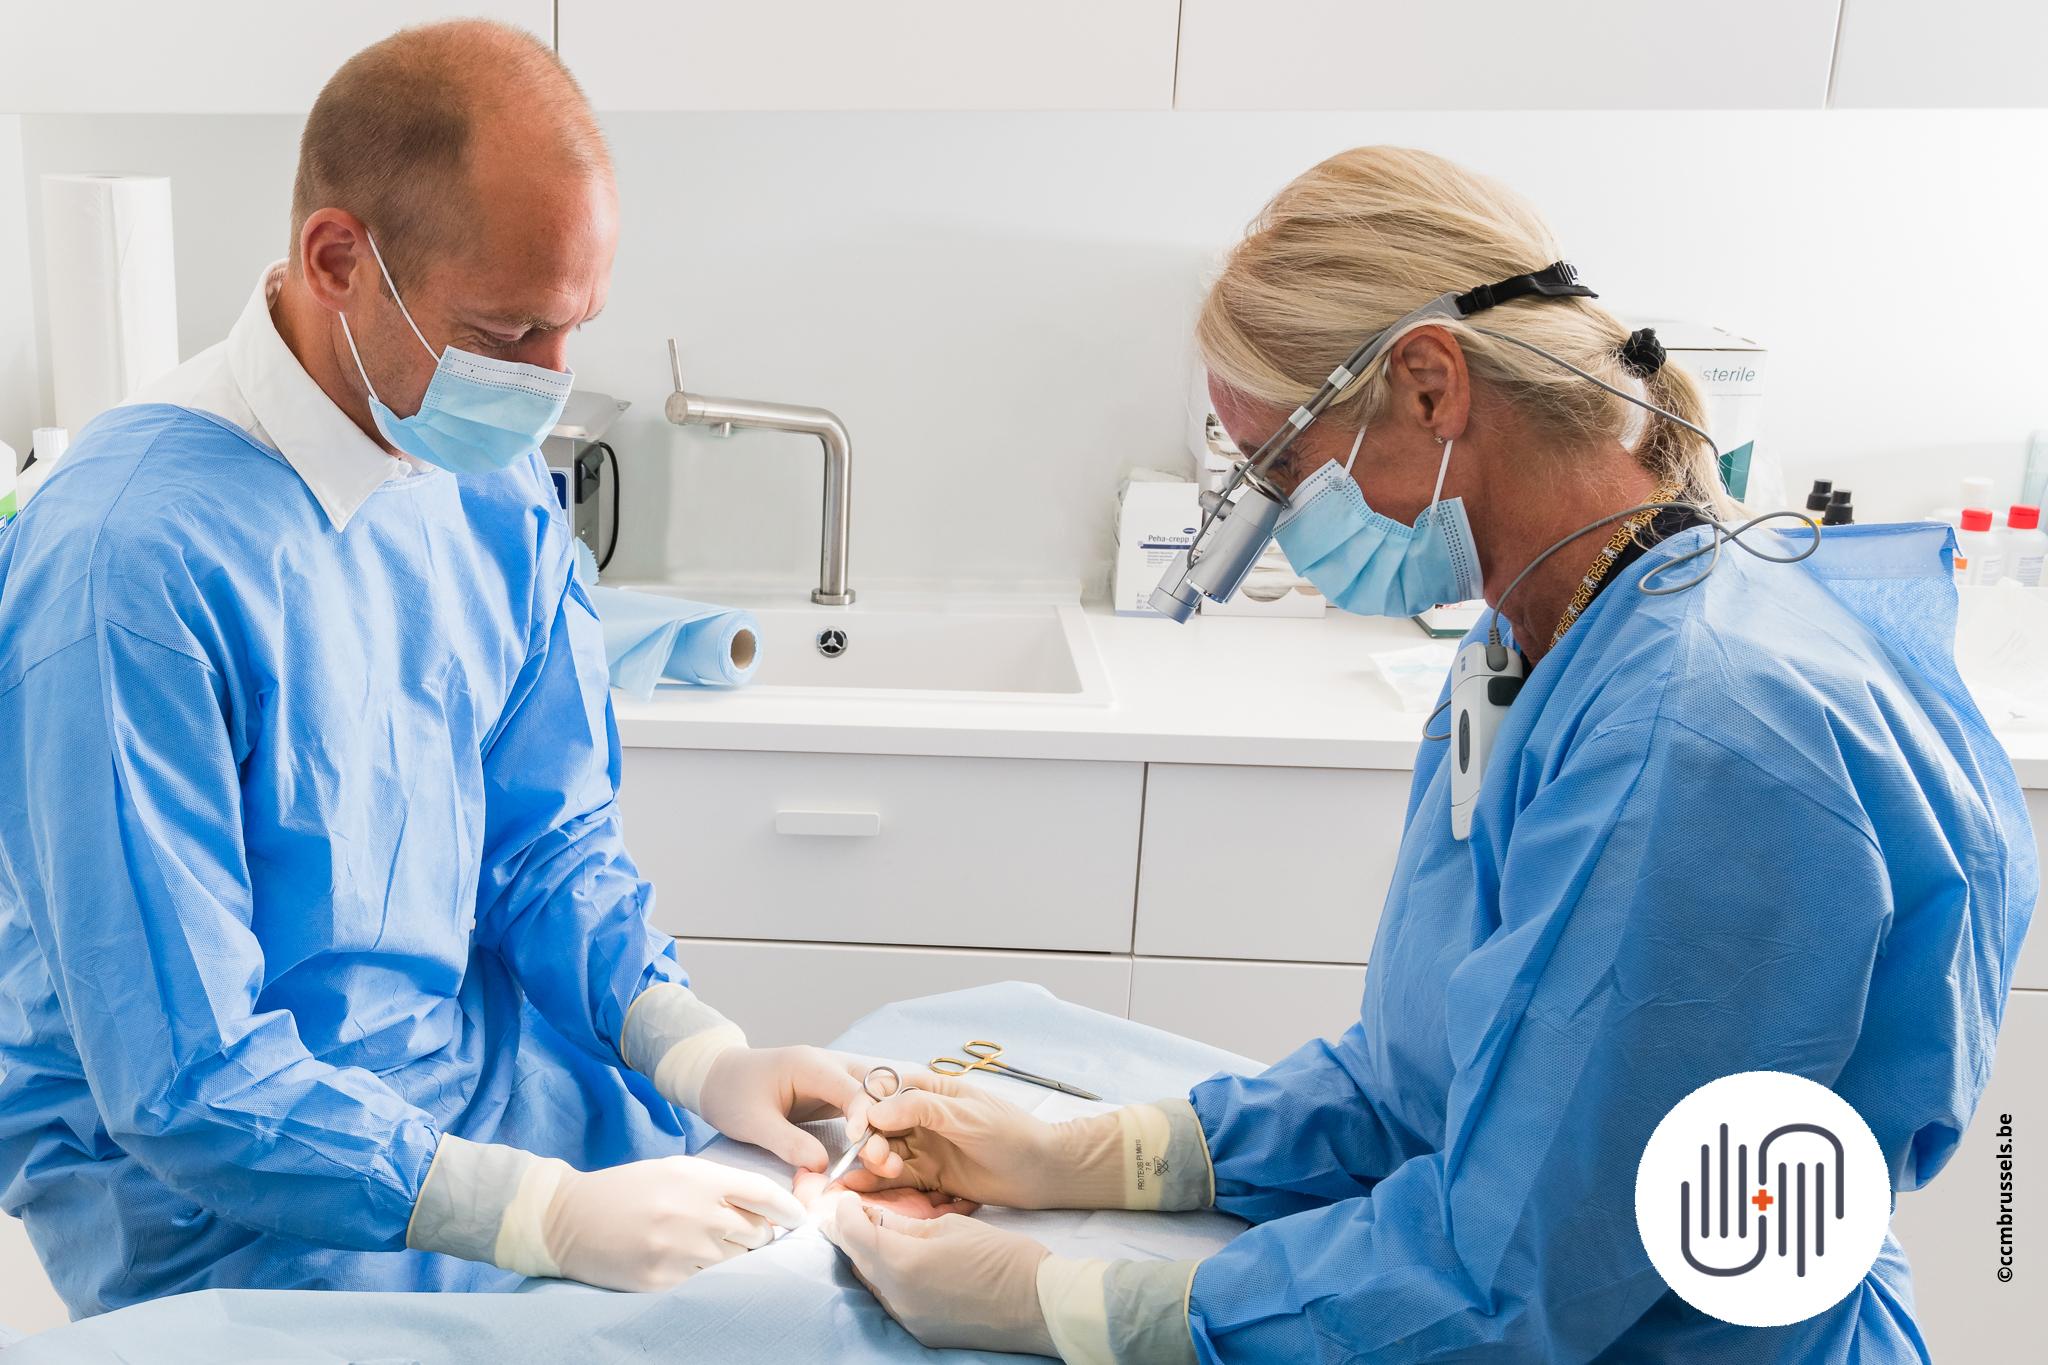 ccmbrussels_chirurgie_de-_la_main